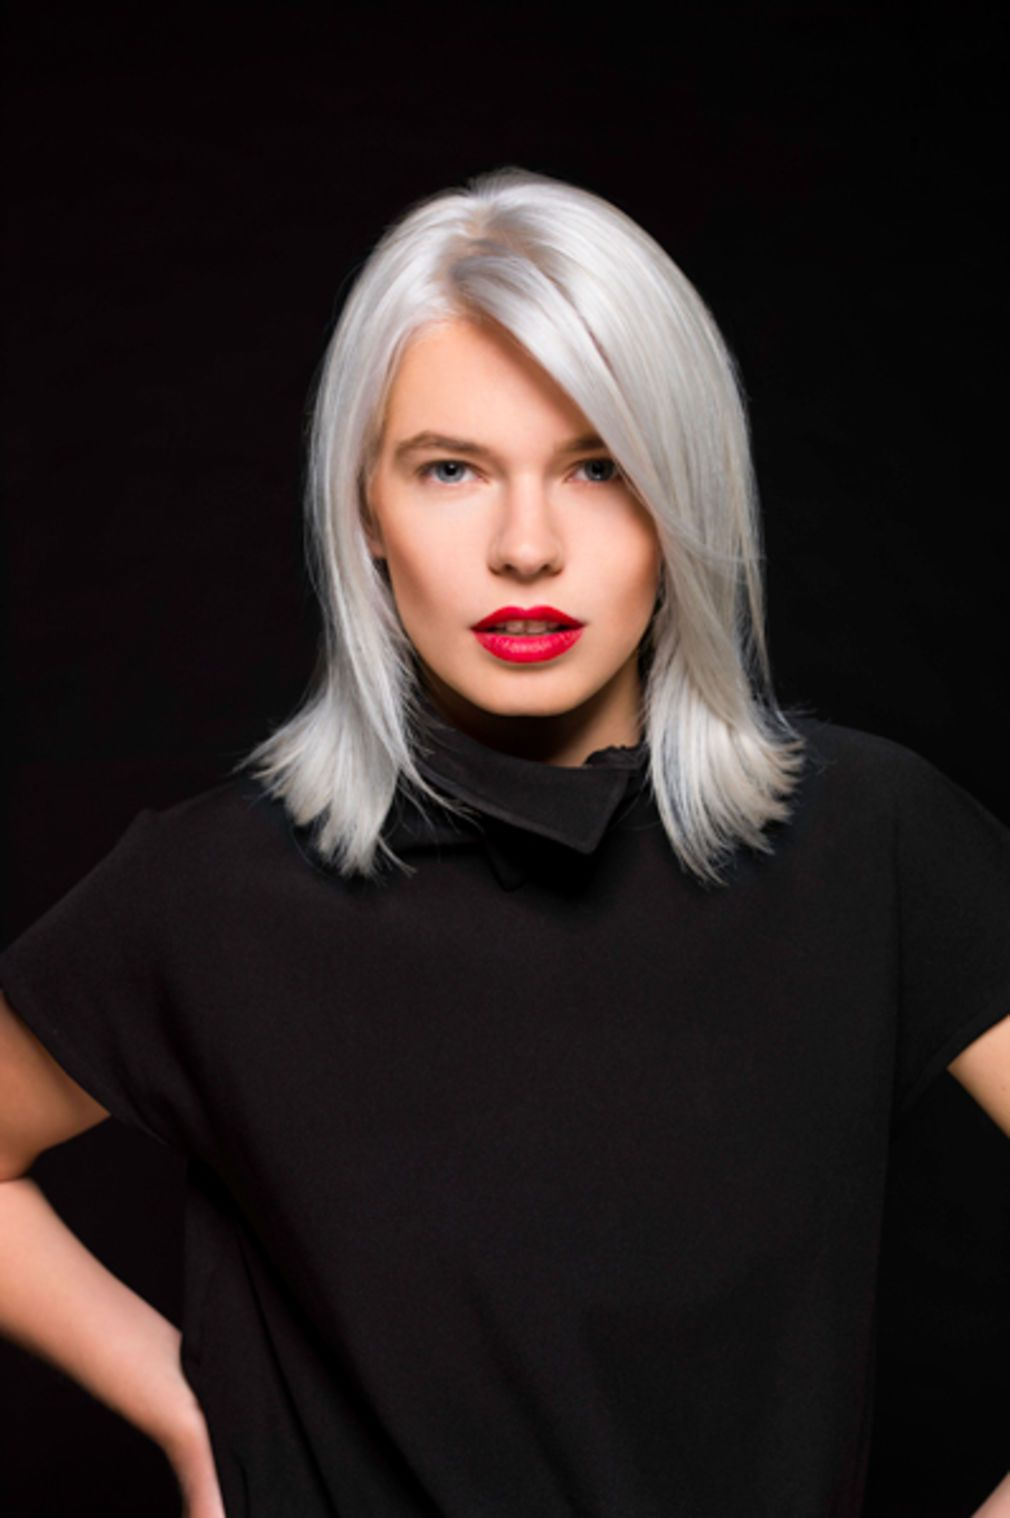 Cheveux gris 40 coiffures qui ne font pas mamie - Couleur cheveux gris ...